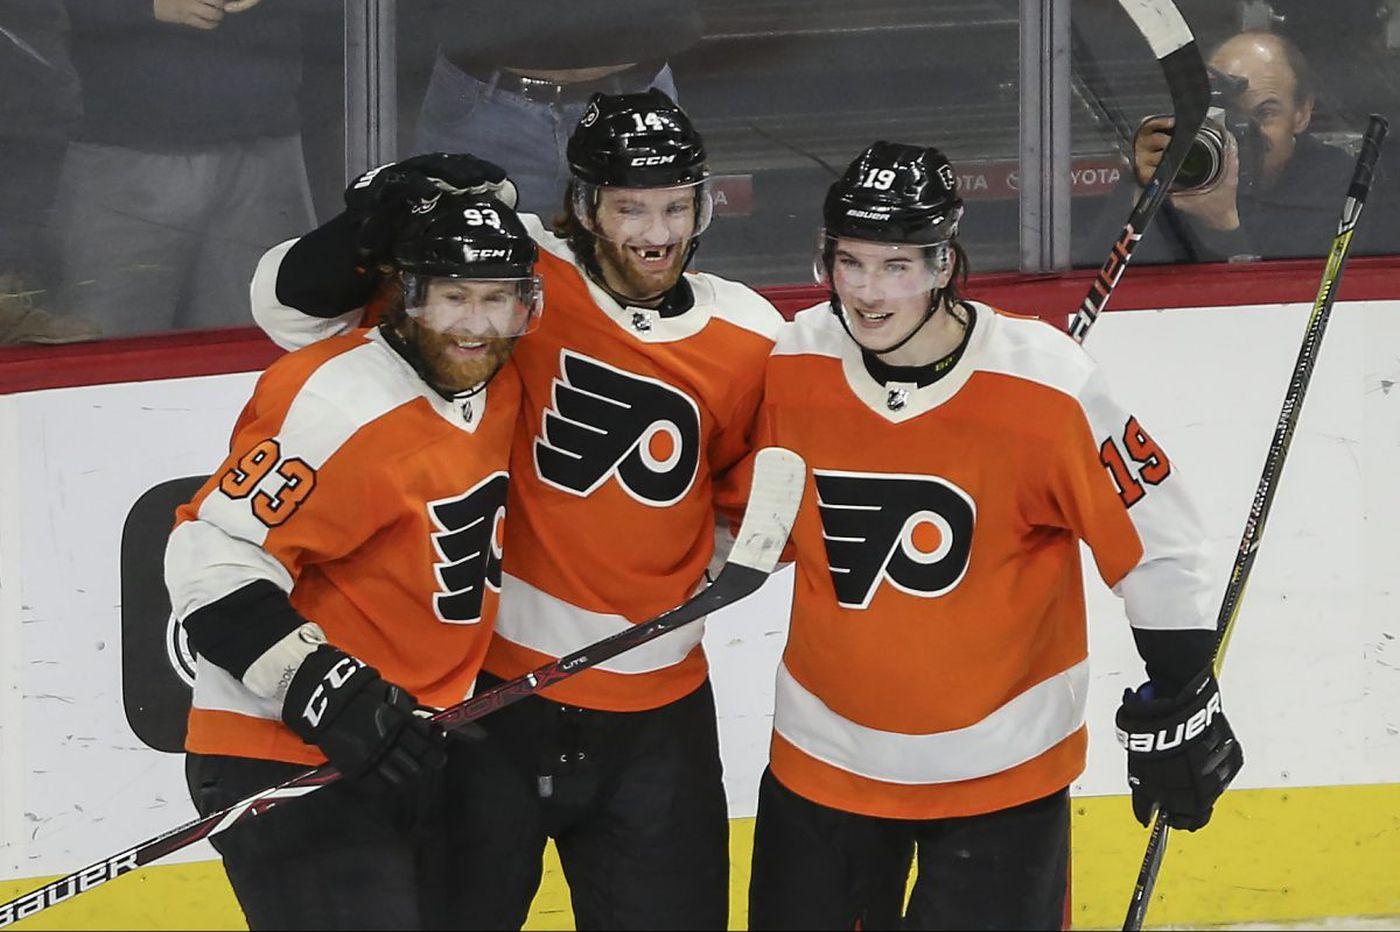 Jake Voracek's late heroics lift Flyers past Canadiens, 3-2, in OT